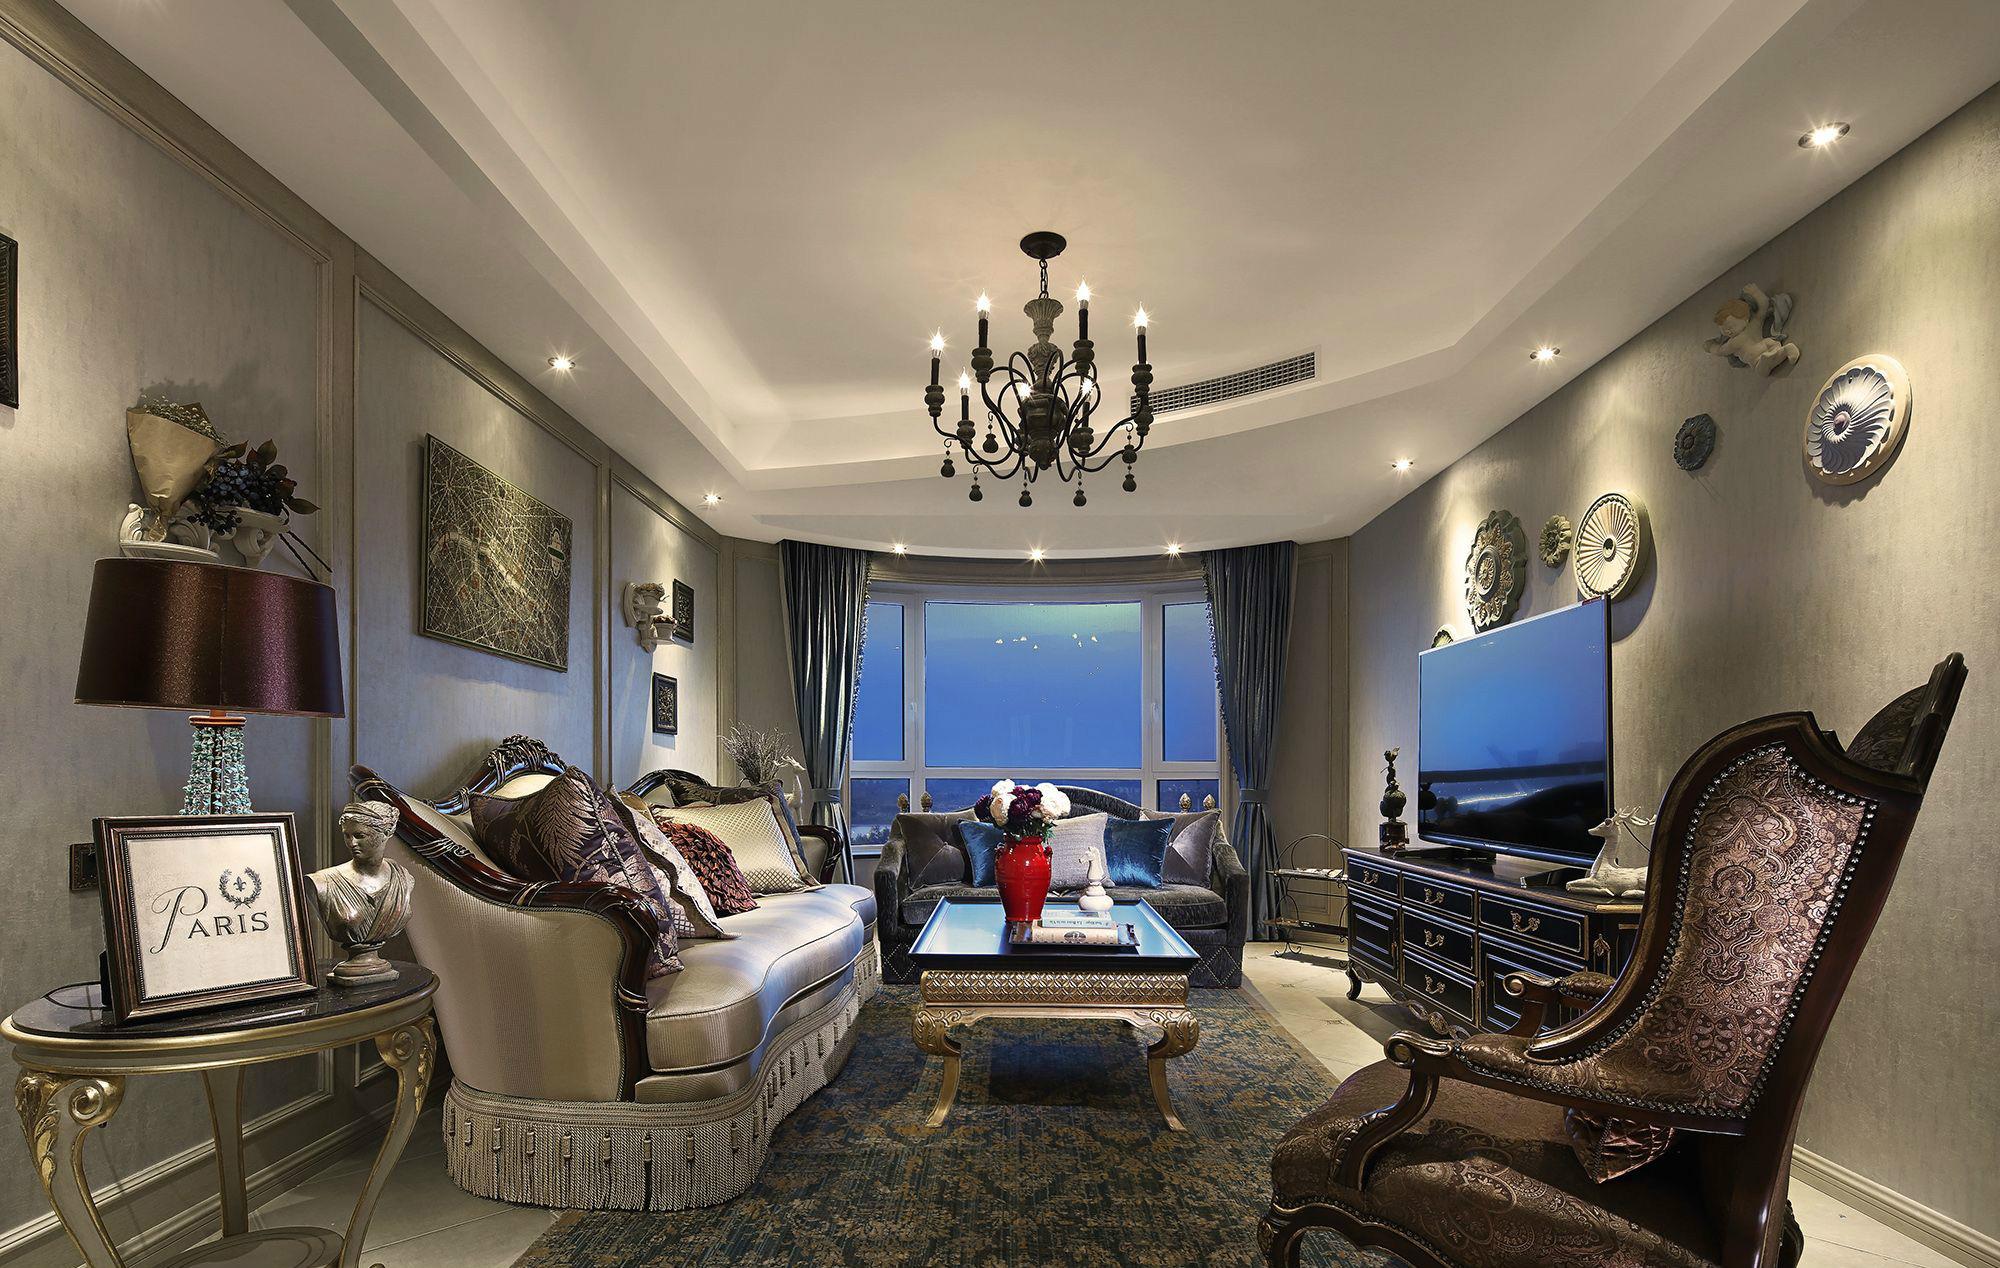 进入房间的第一眼,应该会被惊艳到,华丽又时尚。